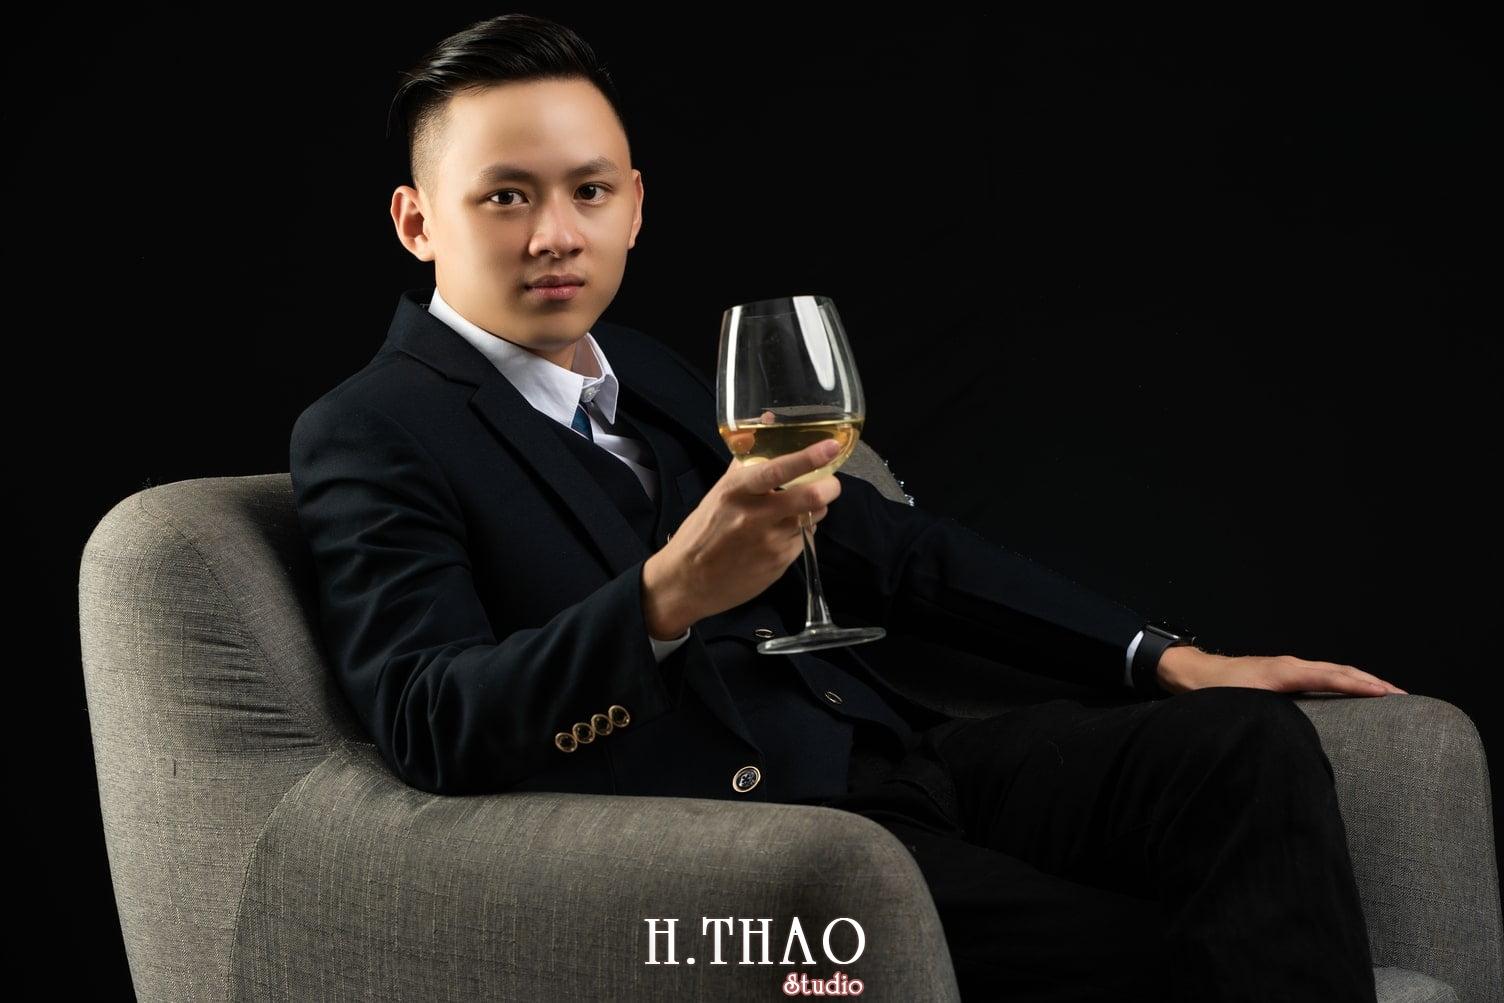 Anh Doanh nhan 3 1 - Tổng hợp album ảnh profile bác sĩ, luật sư, tài chính – HThao Studio